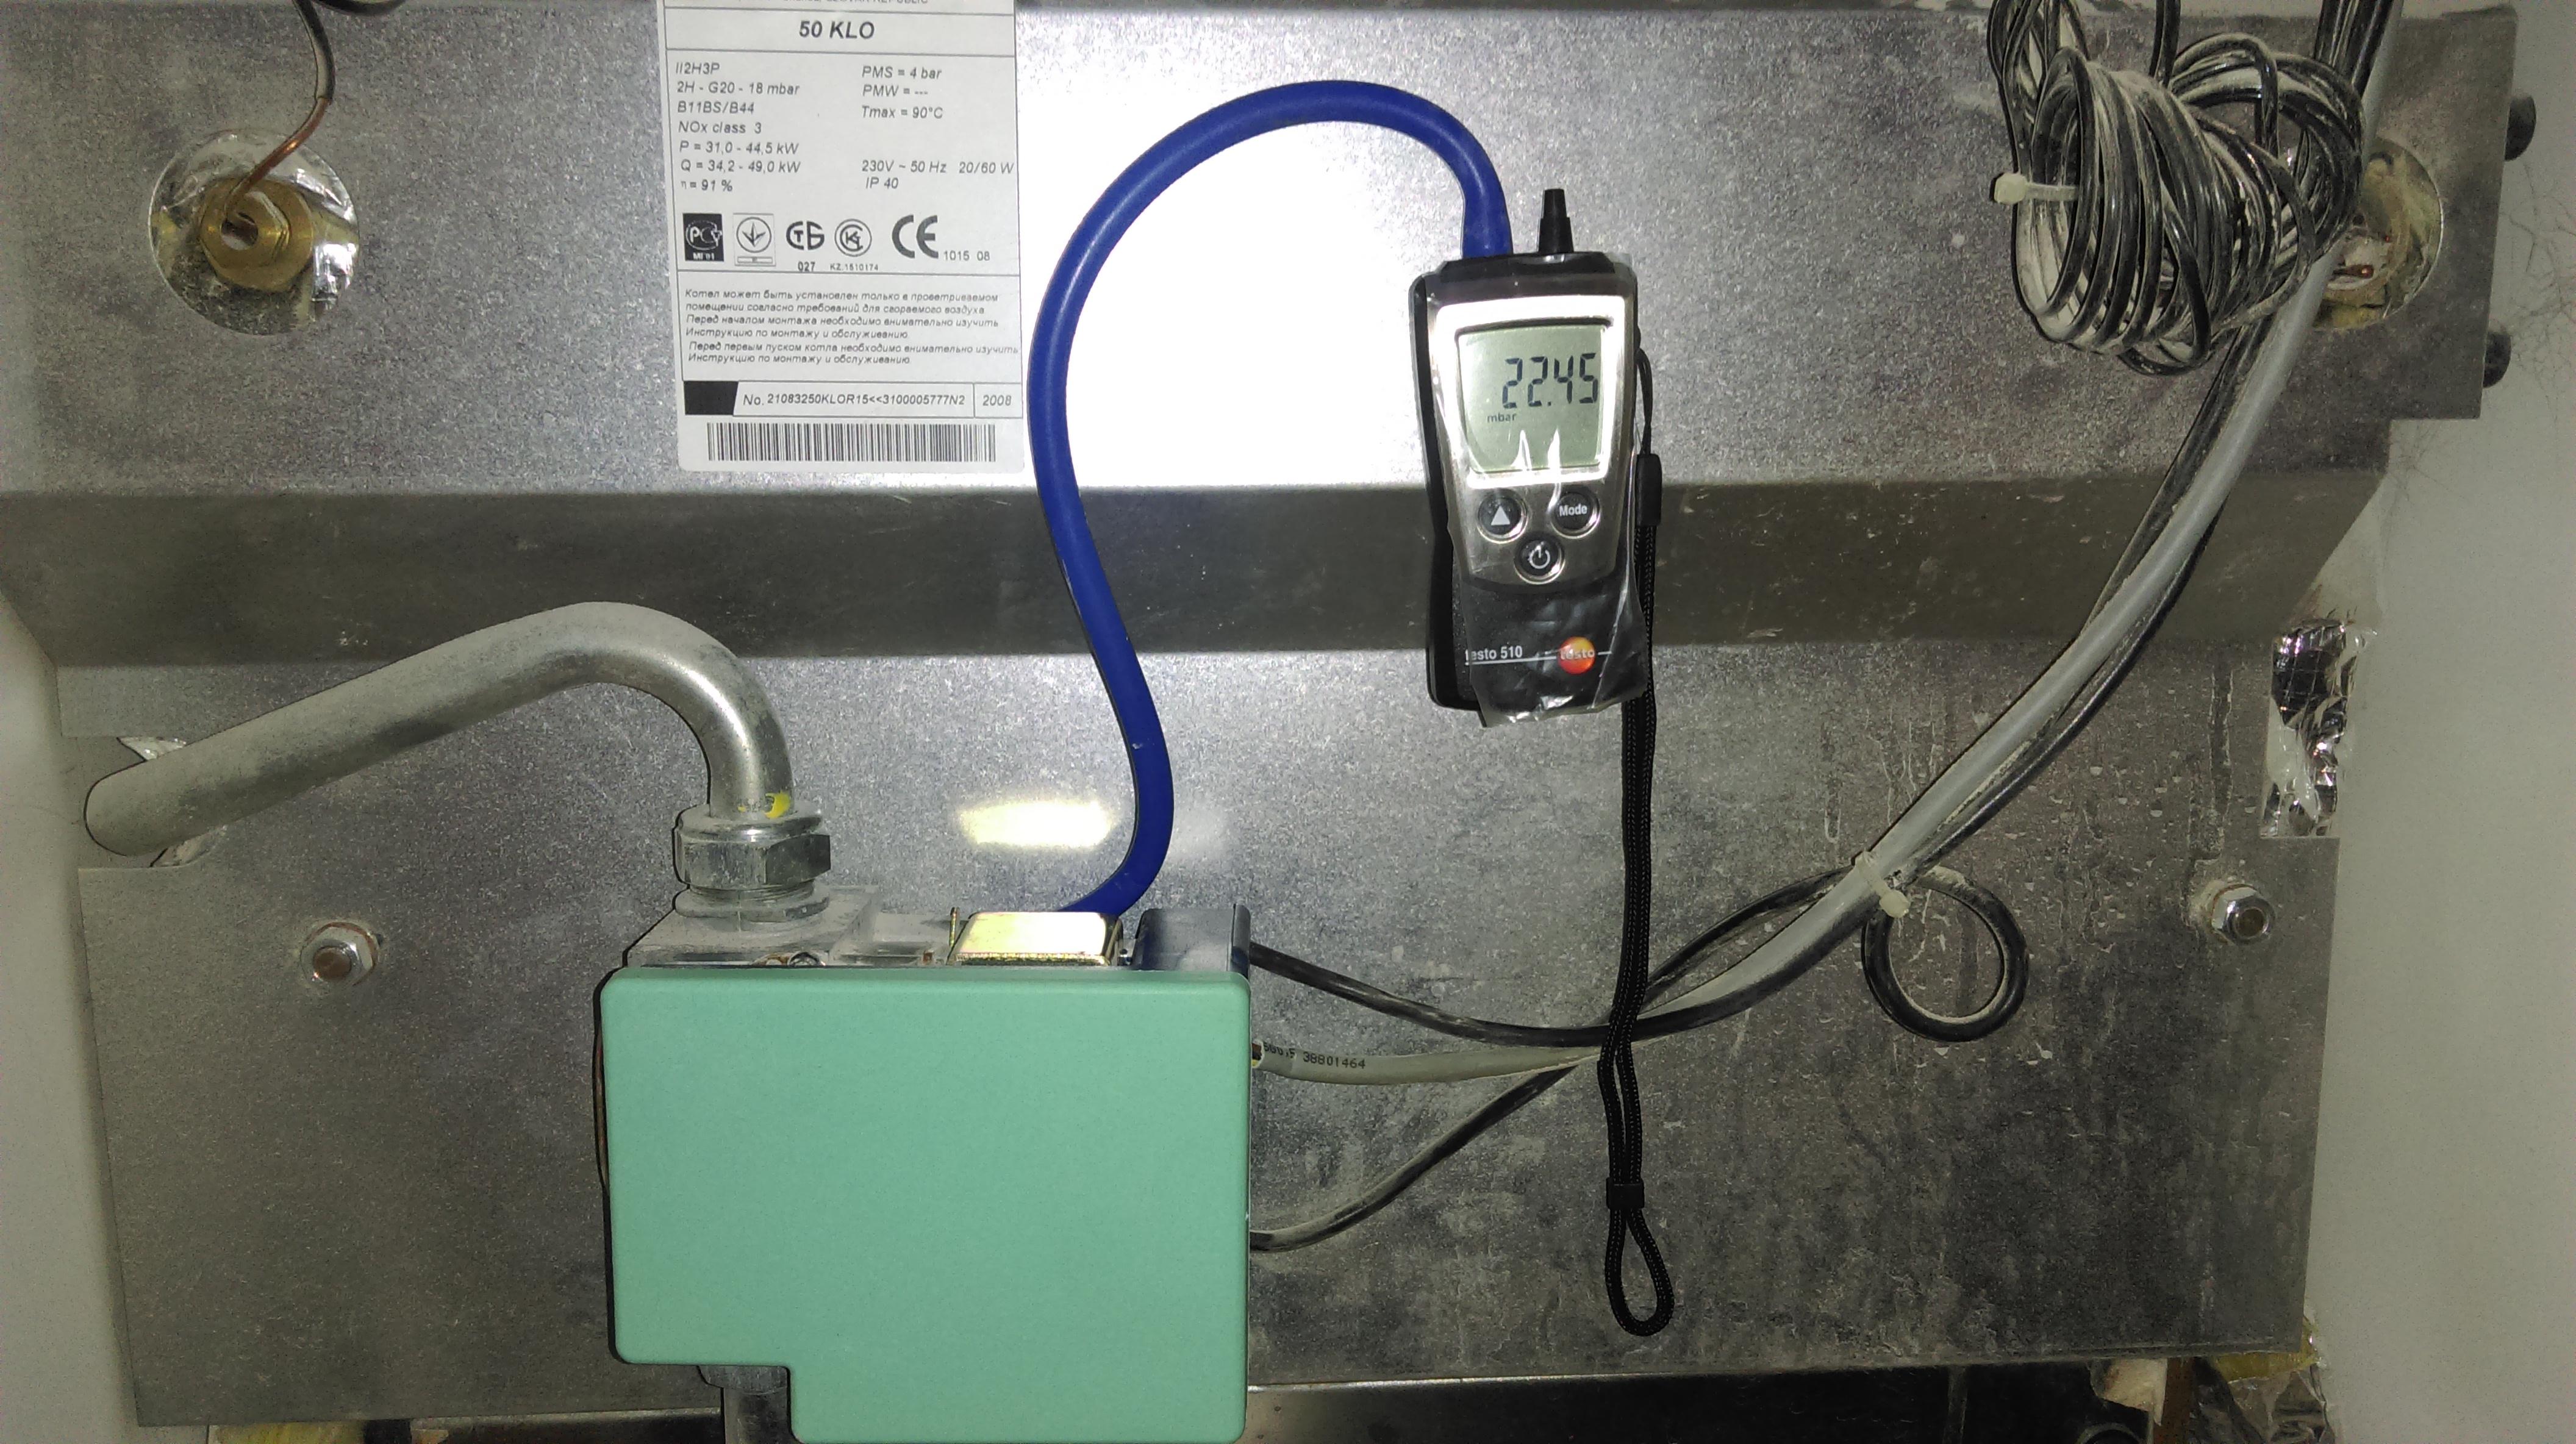 Как экономить газ, как снизить, уменьшить расход газа в котле, какие батареи лучше. замена батарей радиатора на конвекторы